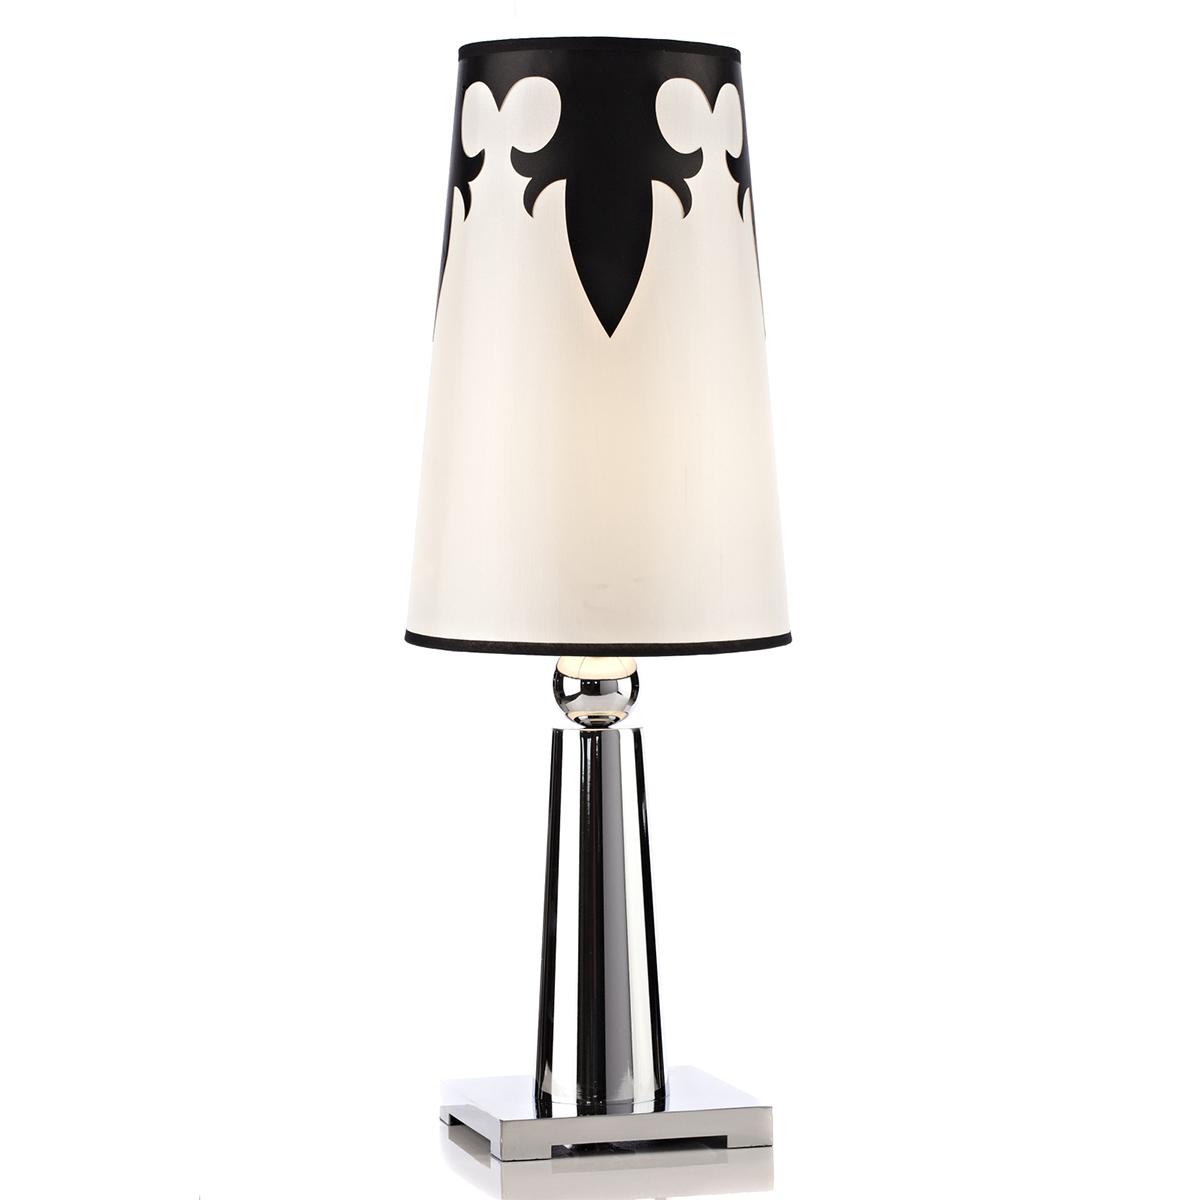 Настольная лампа Atlantic, DG-TL142